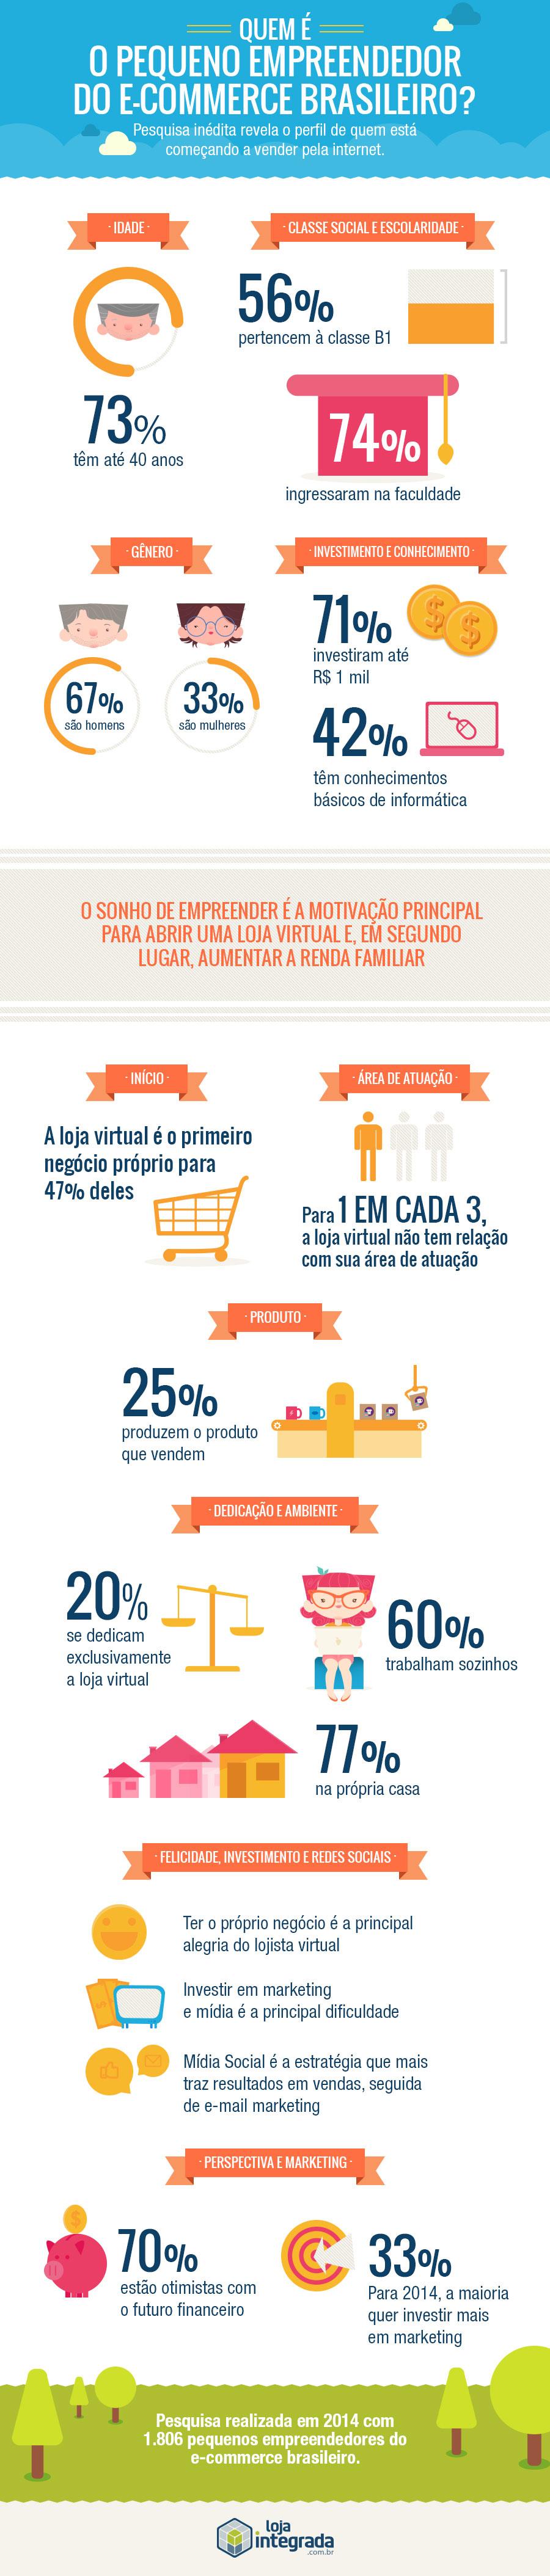 Pesquisa-mostra-quem-são-os-novos-empreendedores-digitais-no-Brasil--pesquisa